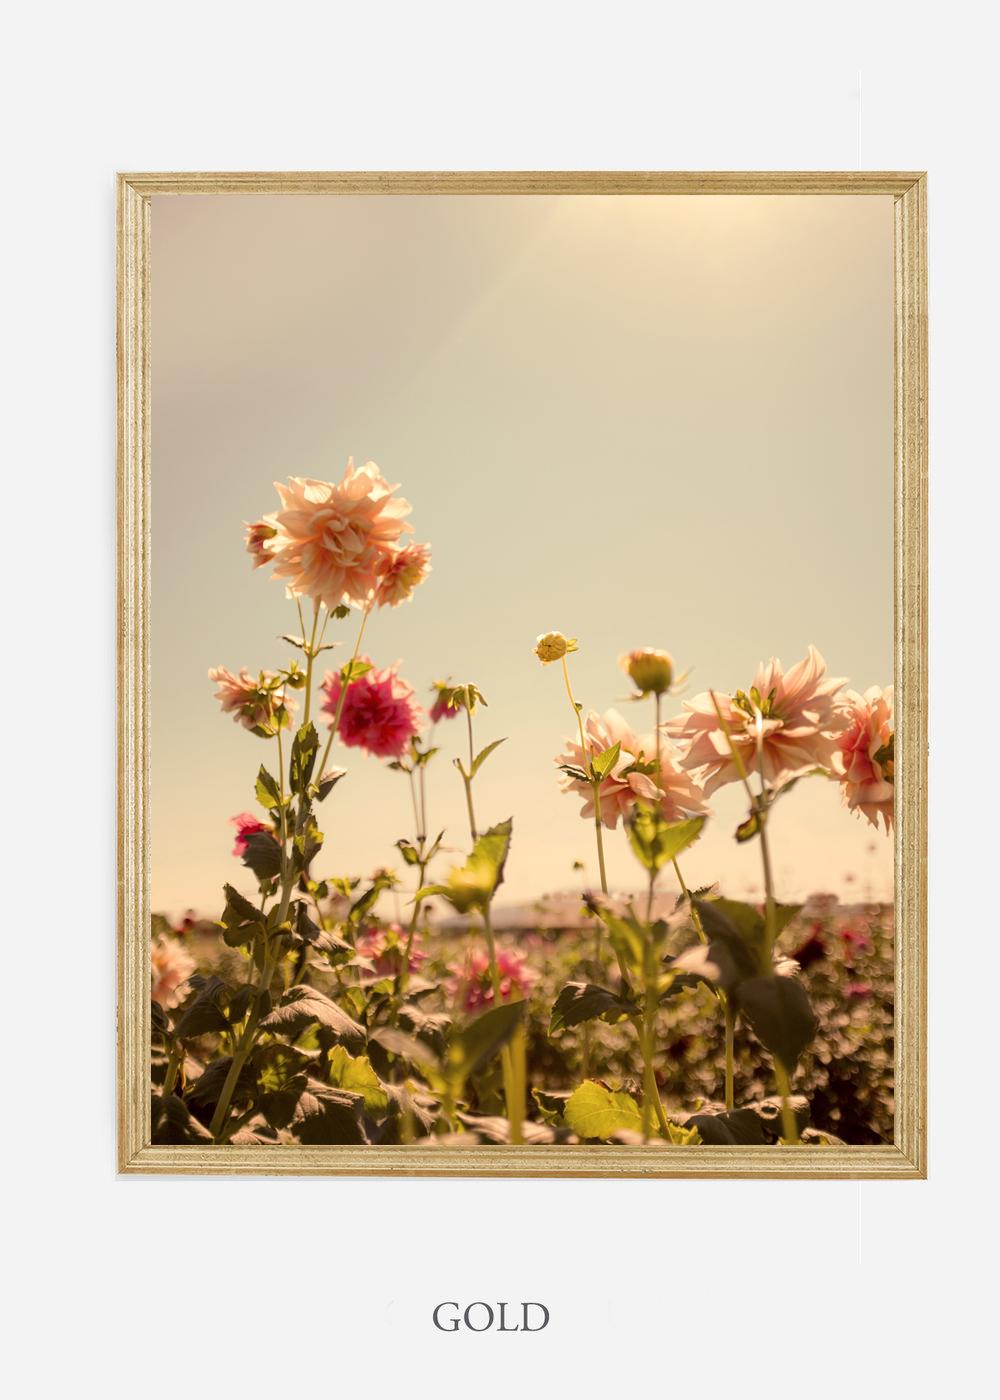 NoMat-Gold-Frame-DahliaNo.3-Wilder-California-Art-Floral-Home-decor-Prints-Dahlia-Botanical-Artwork-Interior-design.jpg